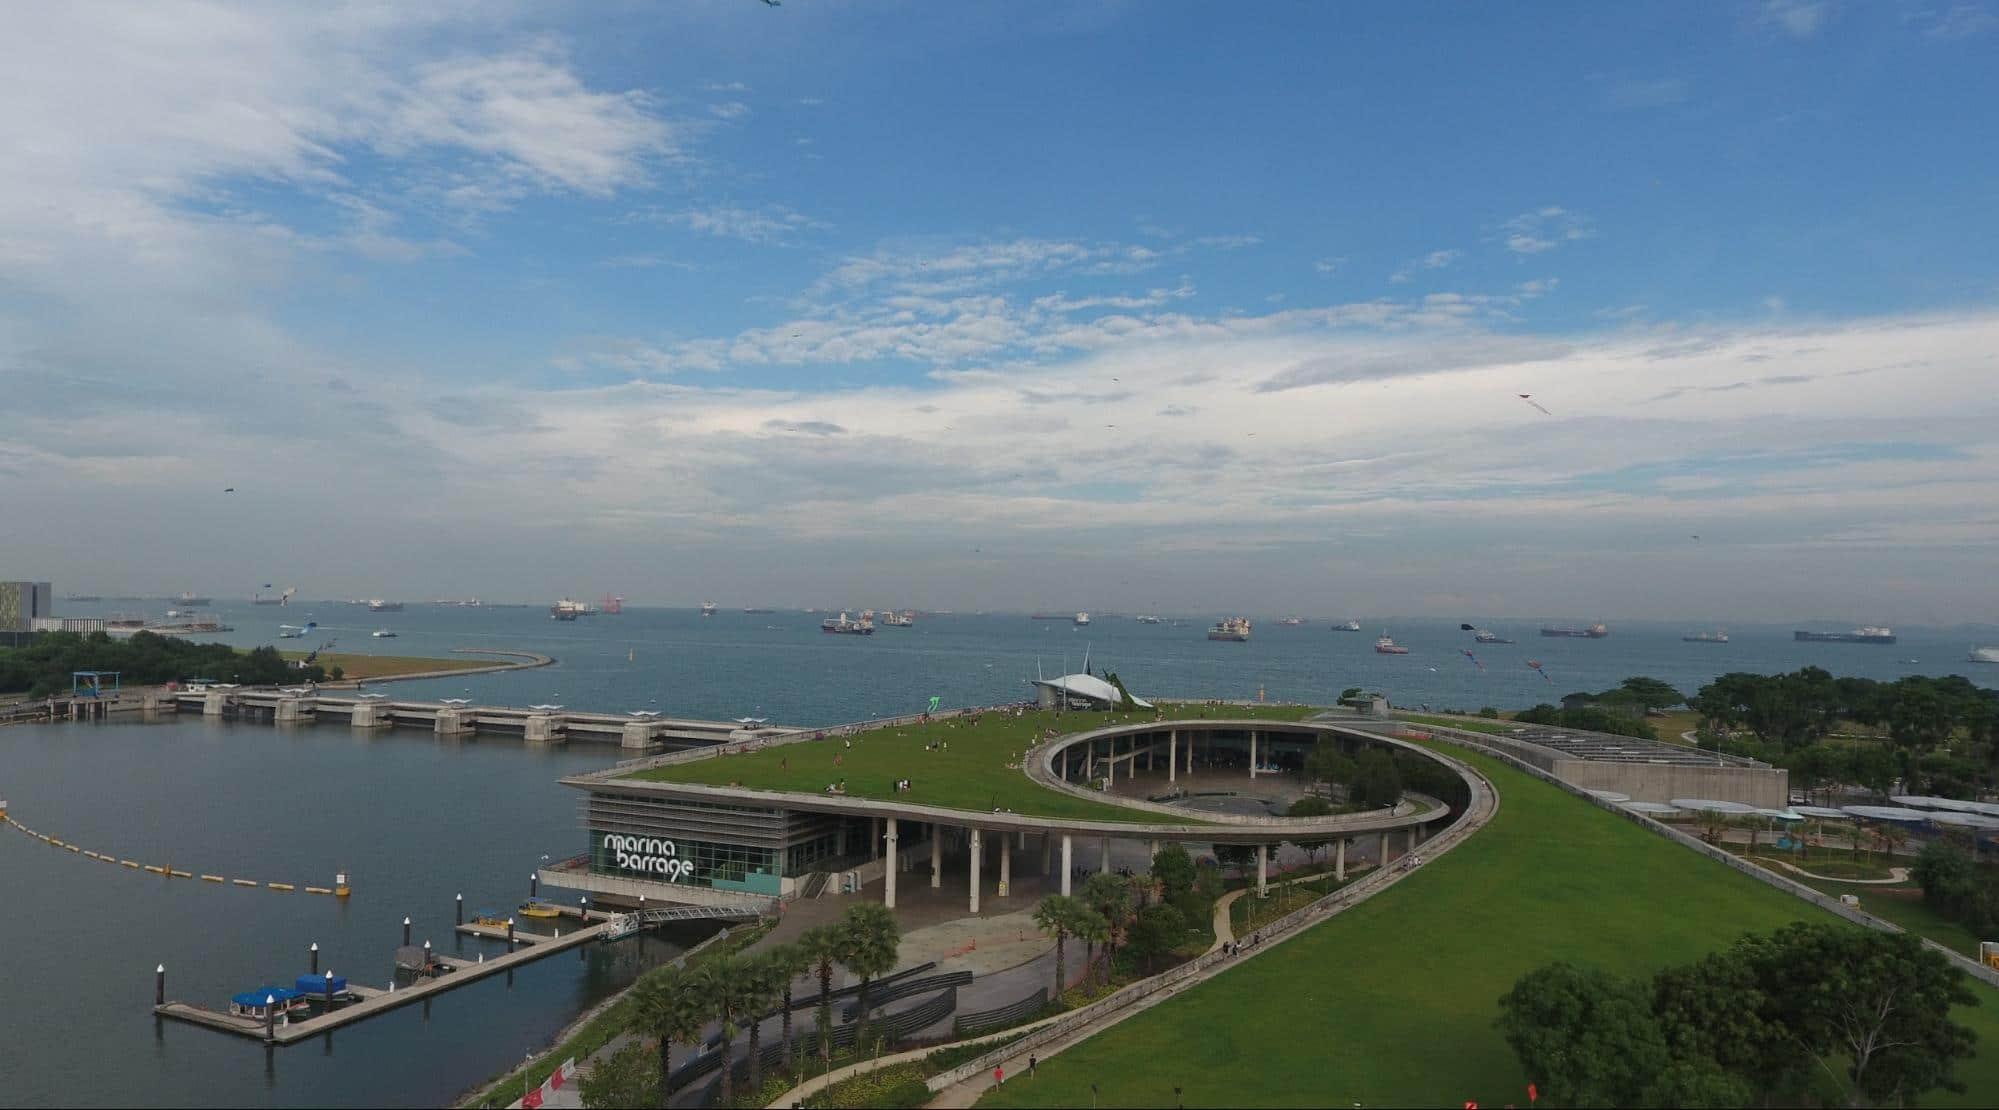 Marina Barrage drone picture